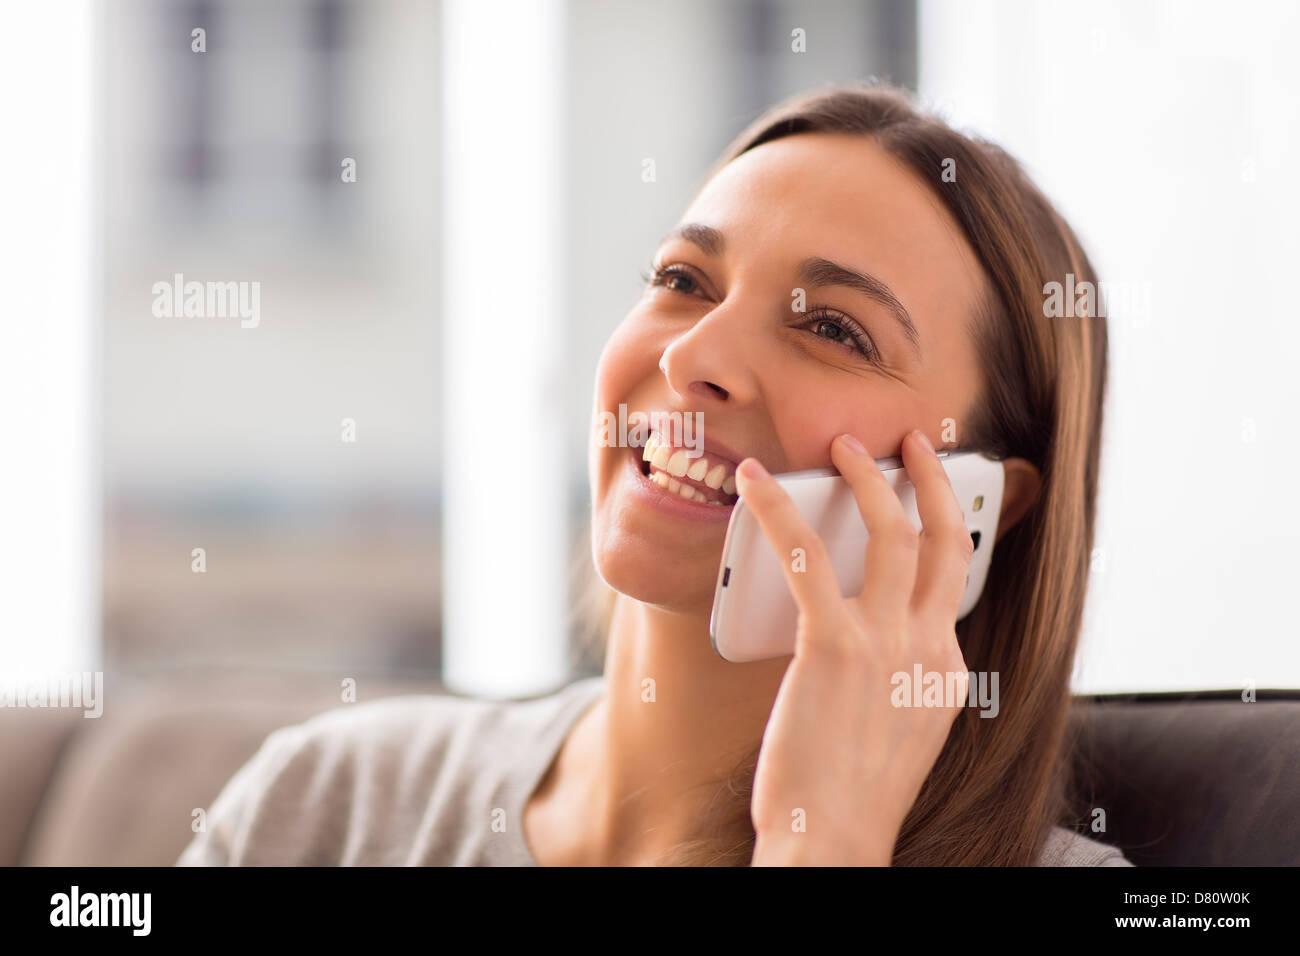 Jolie jeune femme à l'aide de téléphone mobile à la maison blanche smiling Photo Stock